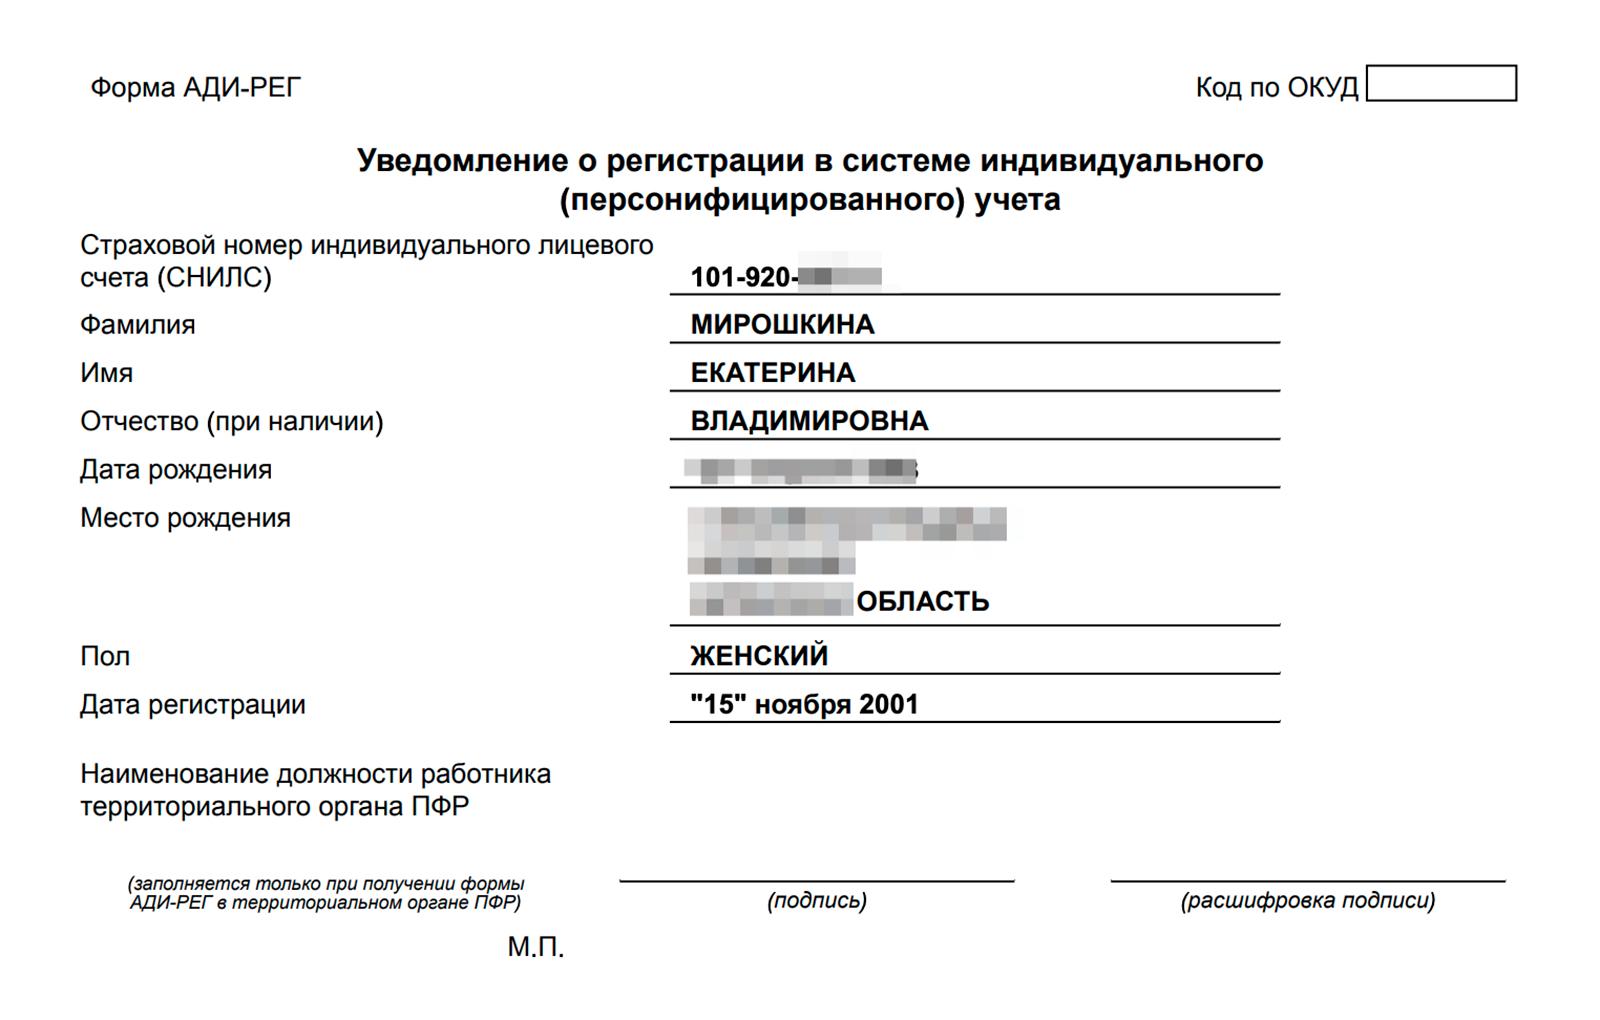 В ответ на запрос придет такое уведомление — без печати и подписи